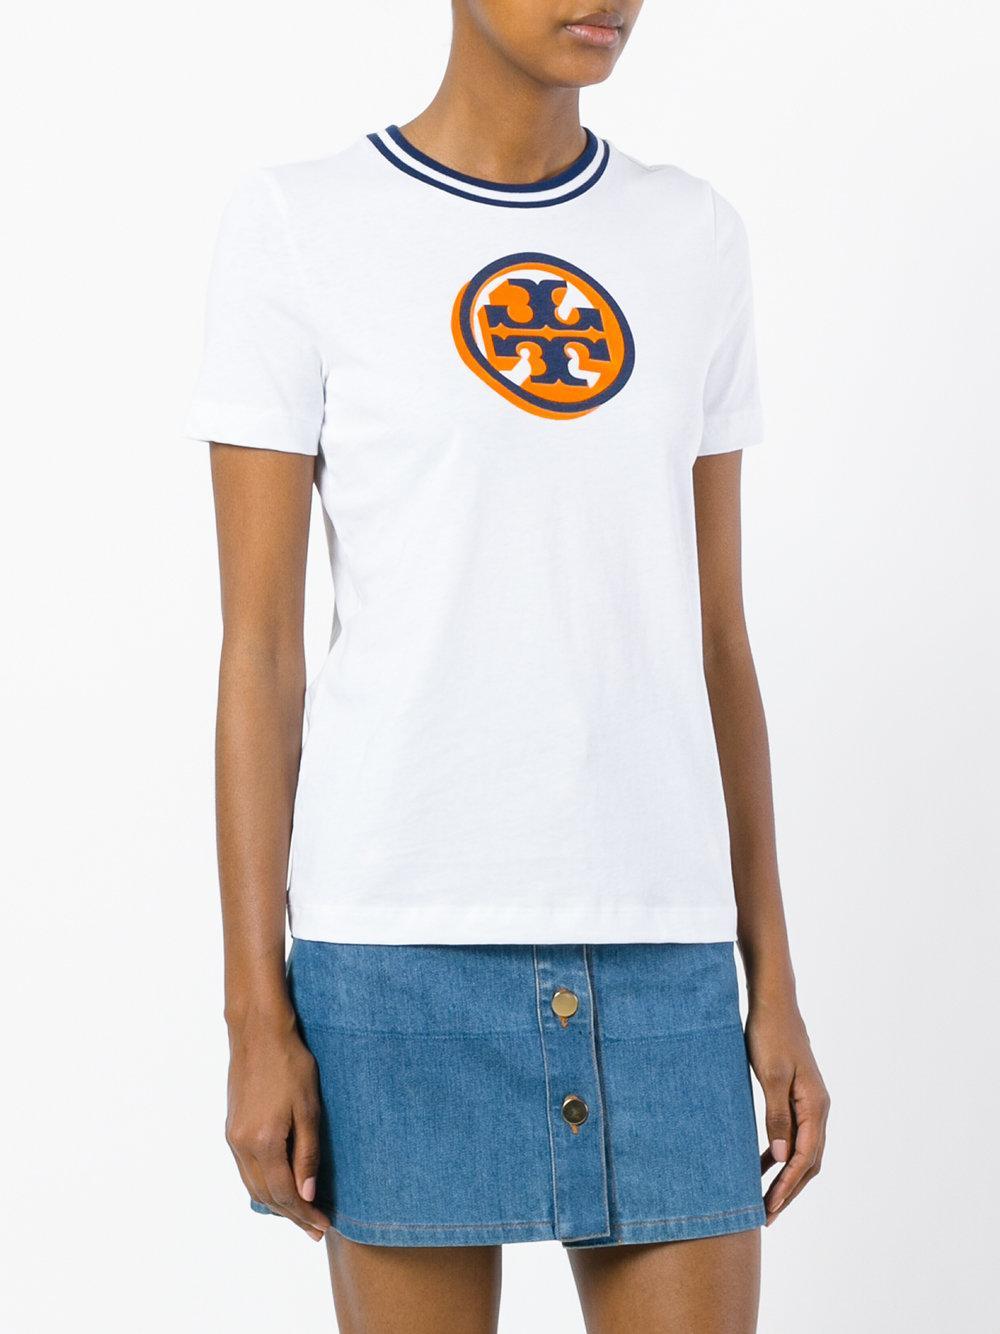 Lyst tory burch malibu logo t shirt in white for Tory burch t shirt